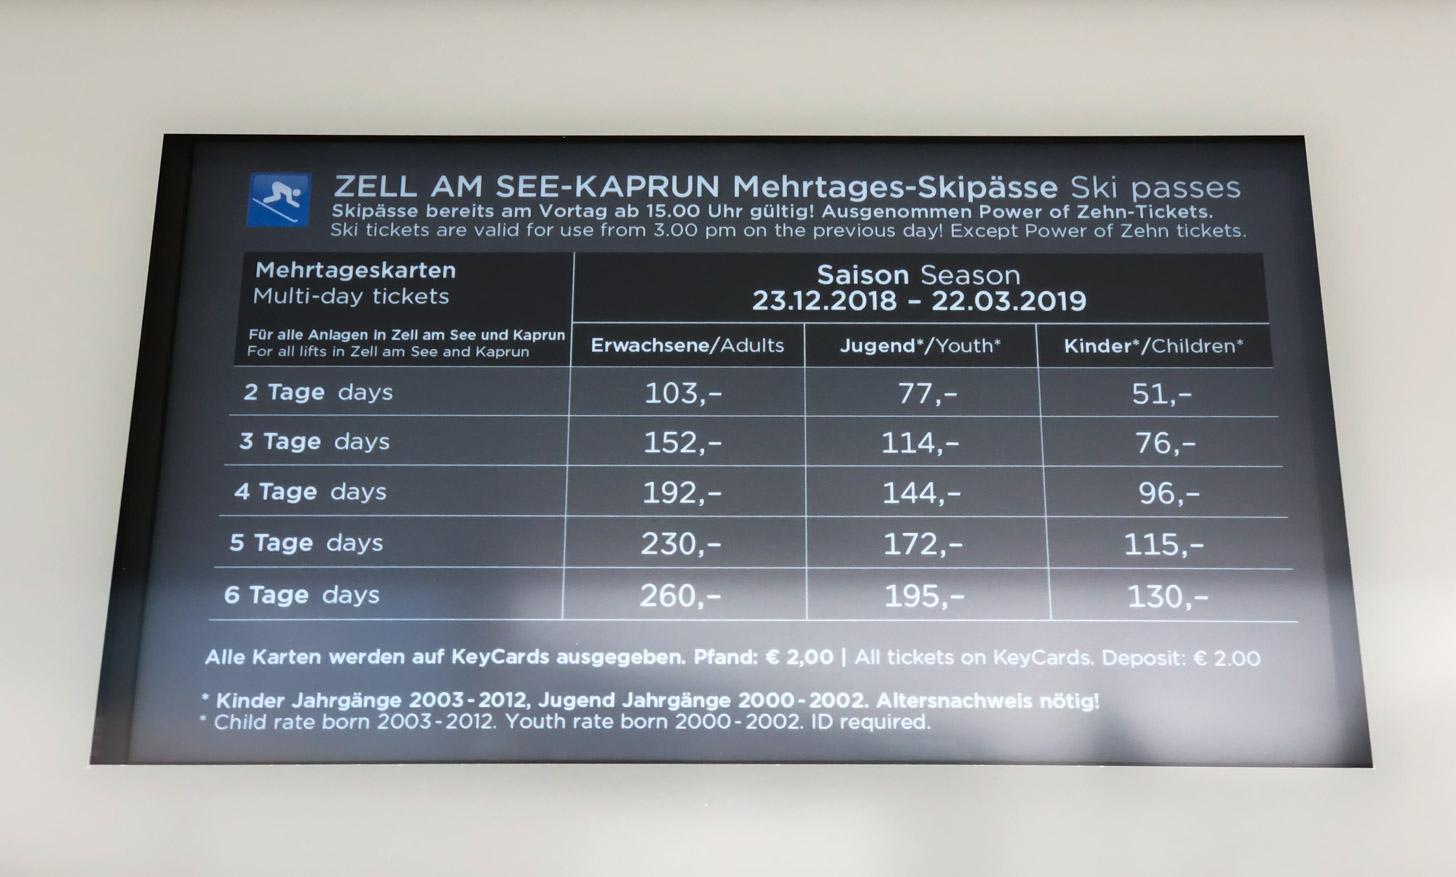 De prijzen van skipassen